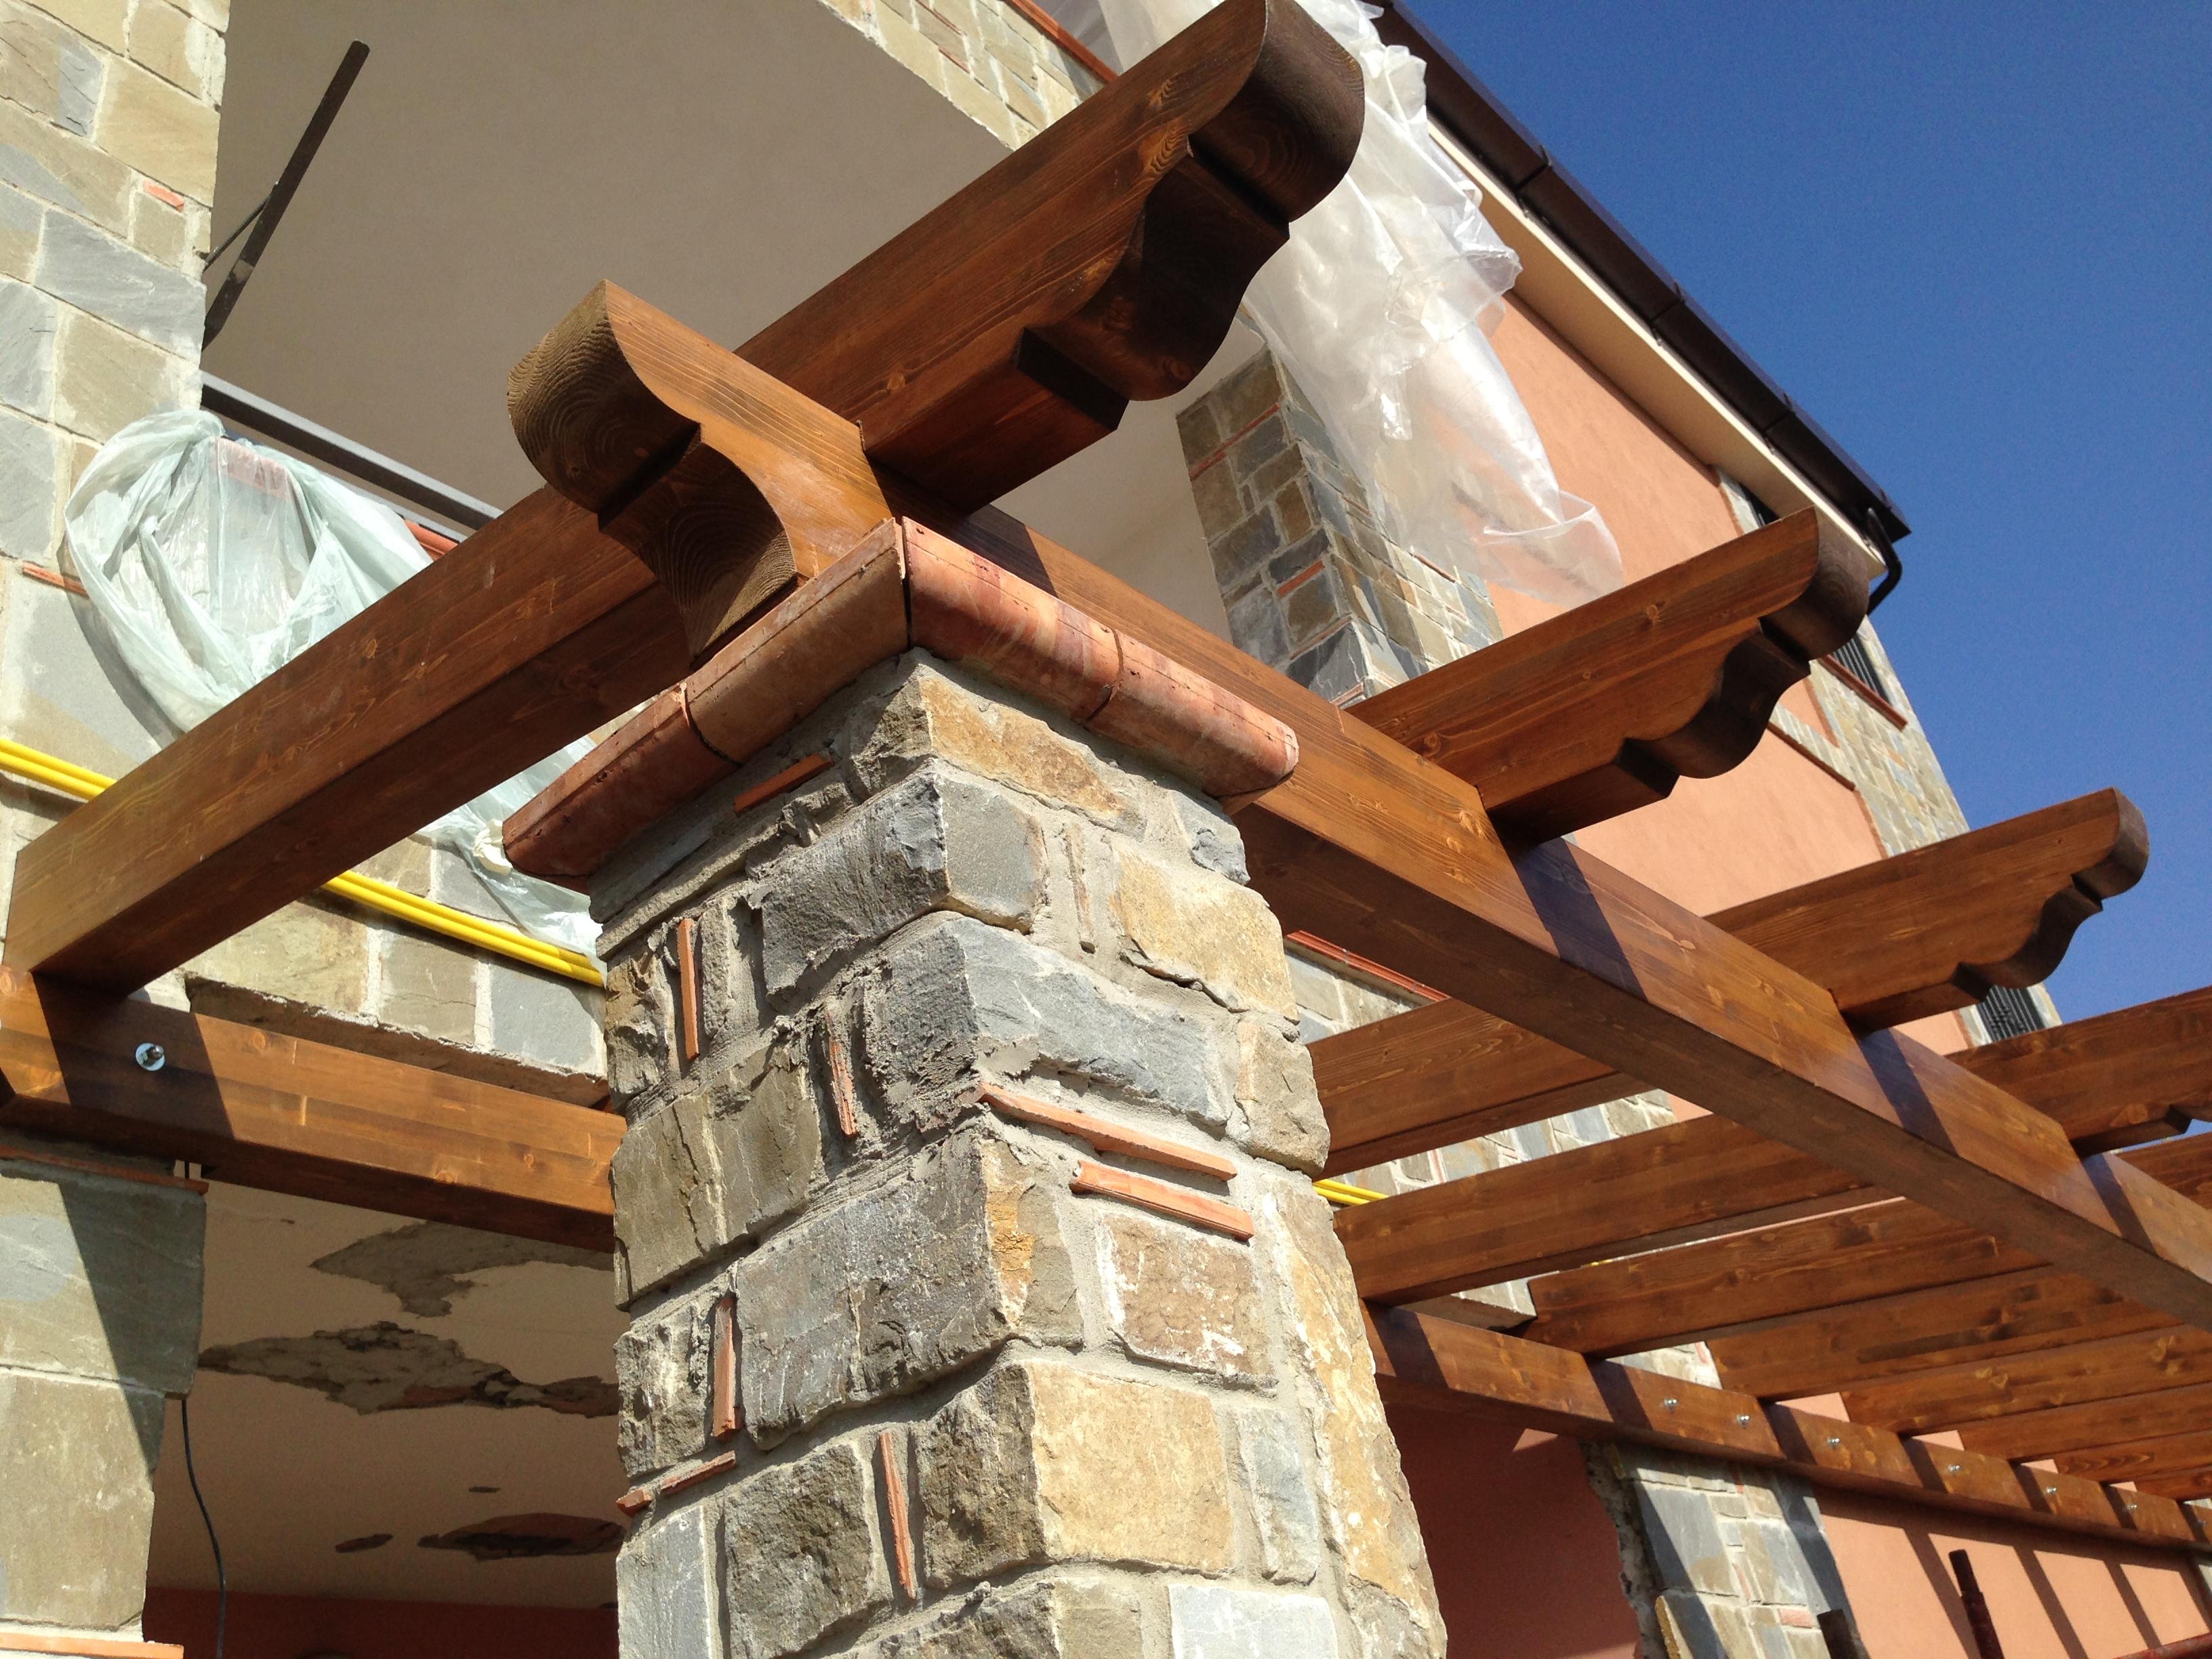 Tettoie in legno pino costruzioni group srls casal velino - Tettoie in legno per esterno ...